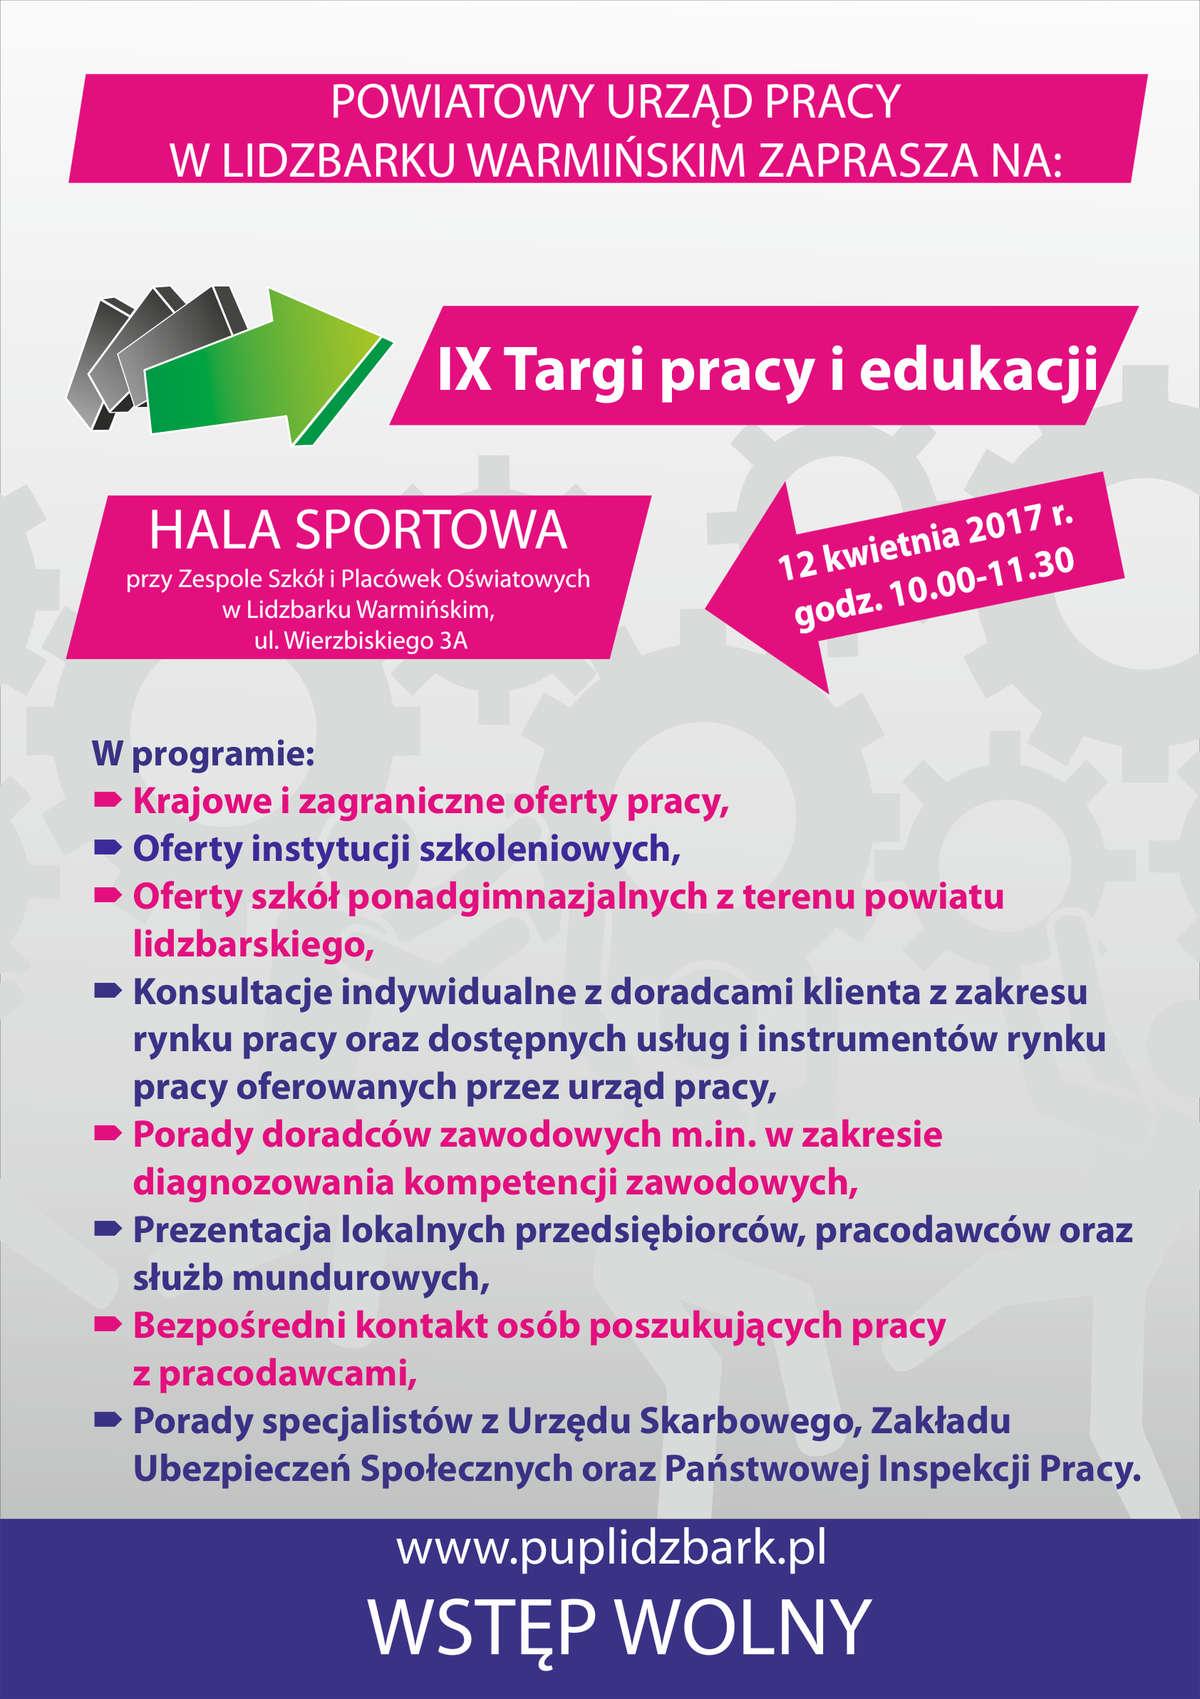 Plakat Targi Pracy i Edukacji w Lidzbarku Warmińskim